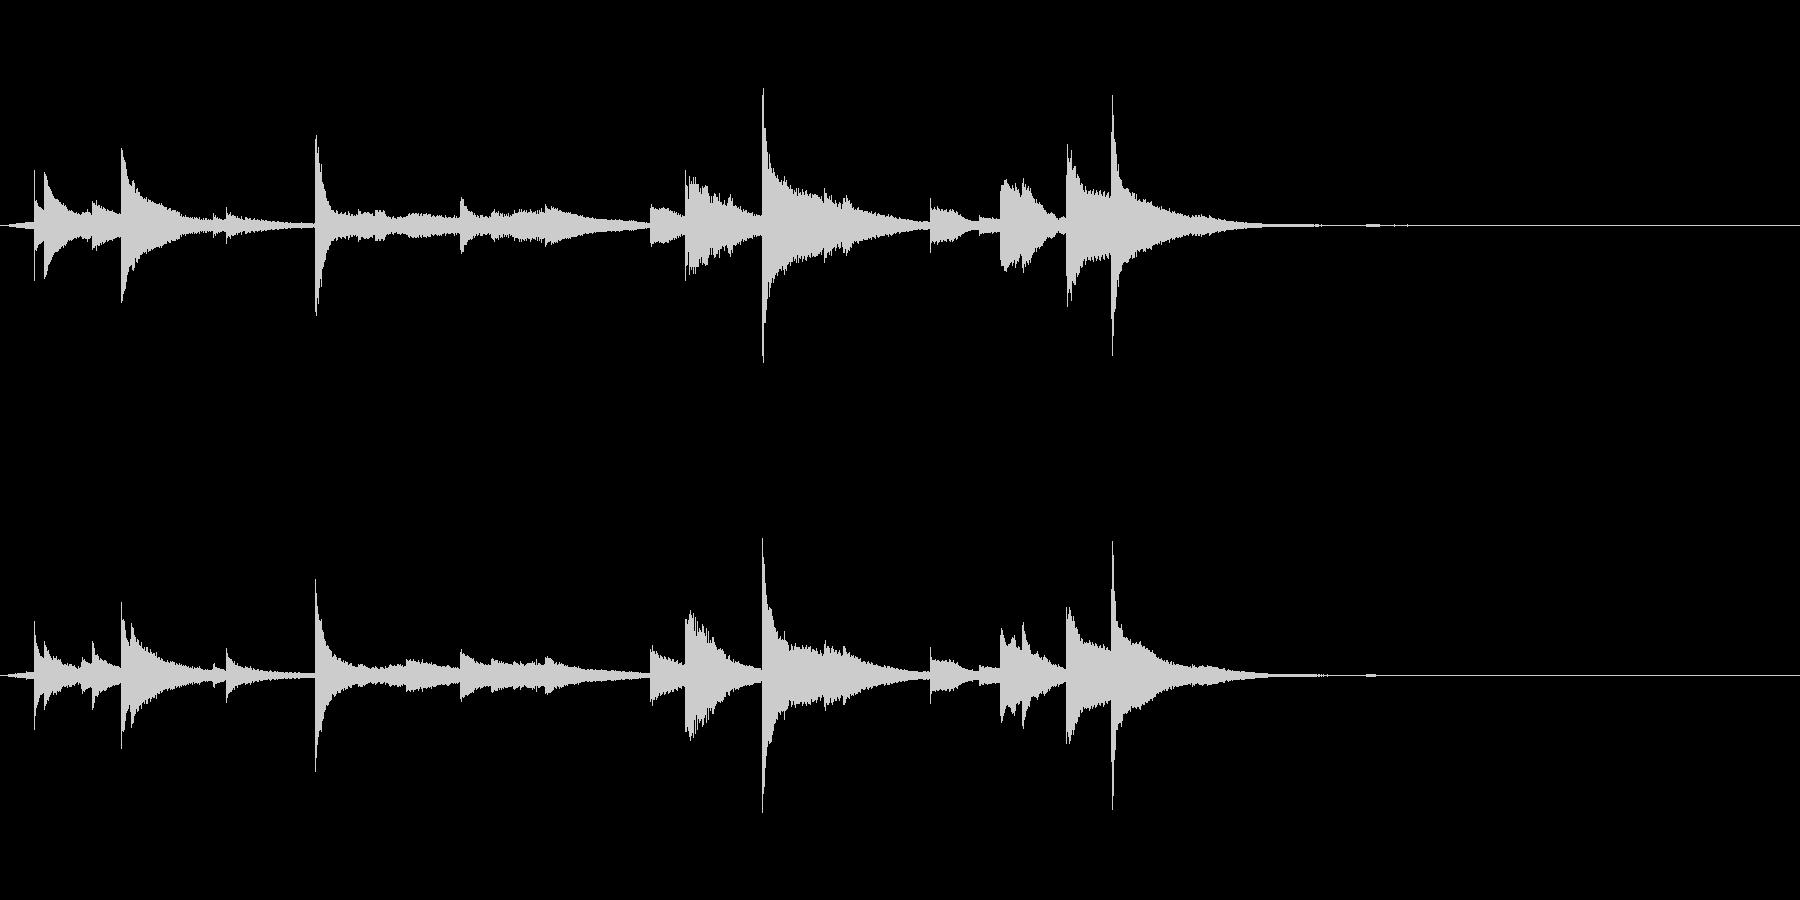 シャララーン…鐘の音色のような金属音2の未再生の波形